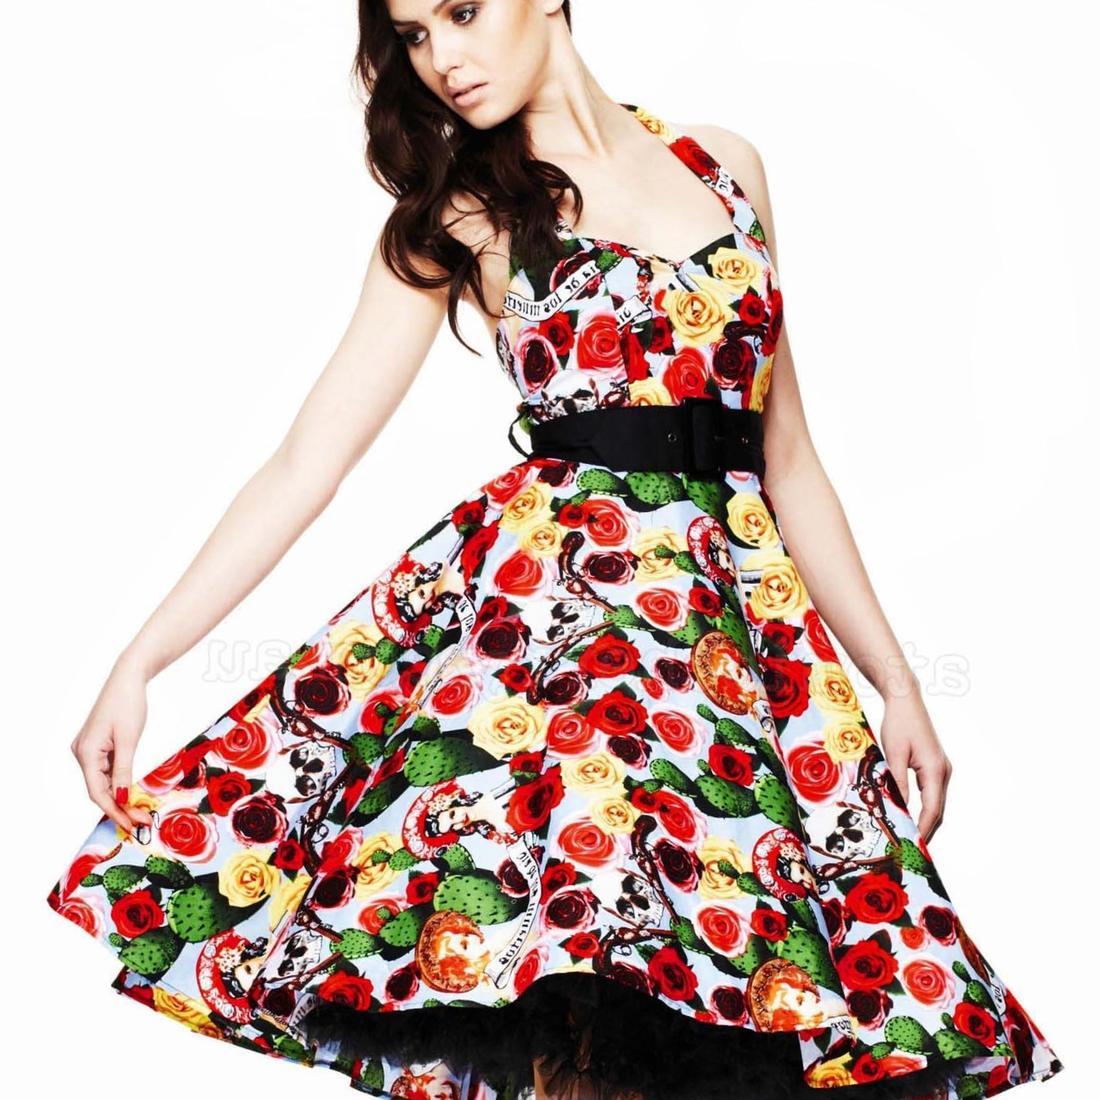 Vintage 70s мексиканская Этническая цветок вышивка платья женщин, BOHO хиппи повседневное платье плюс Размер женщин